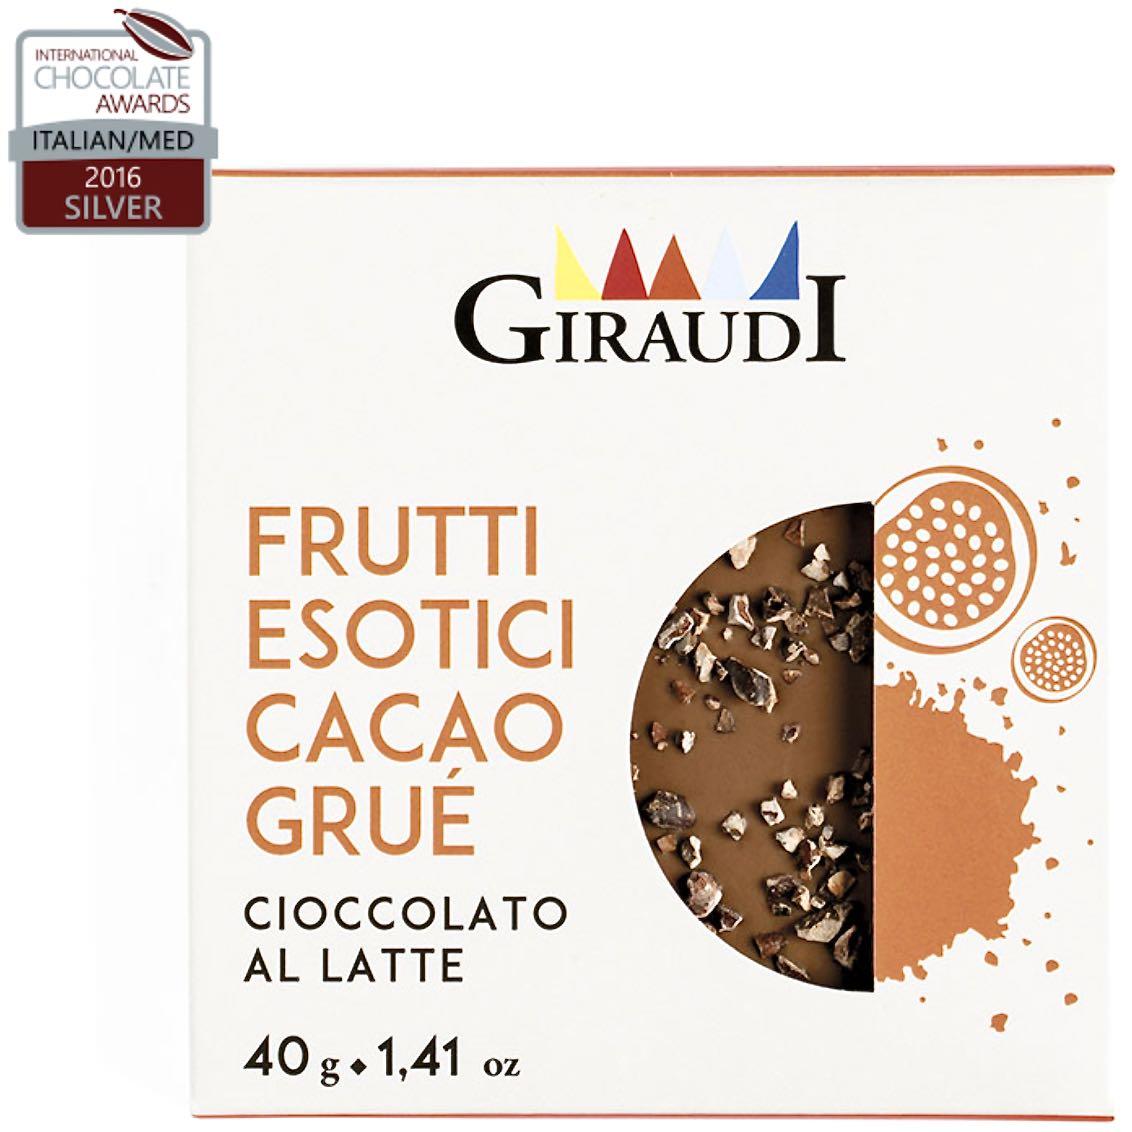 cioccolato Giraudi tavoletta frutti esotici cacao grué – Gustorotondo – buono sano artigiano – spesa online